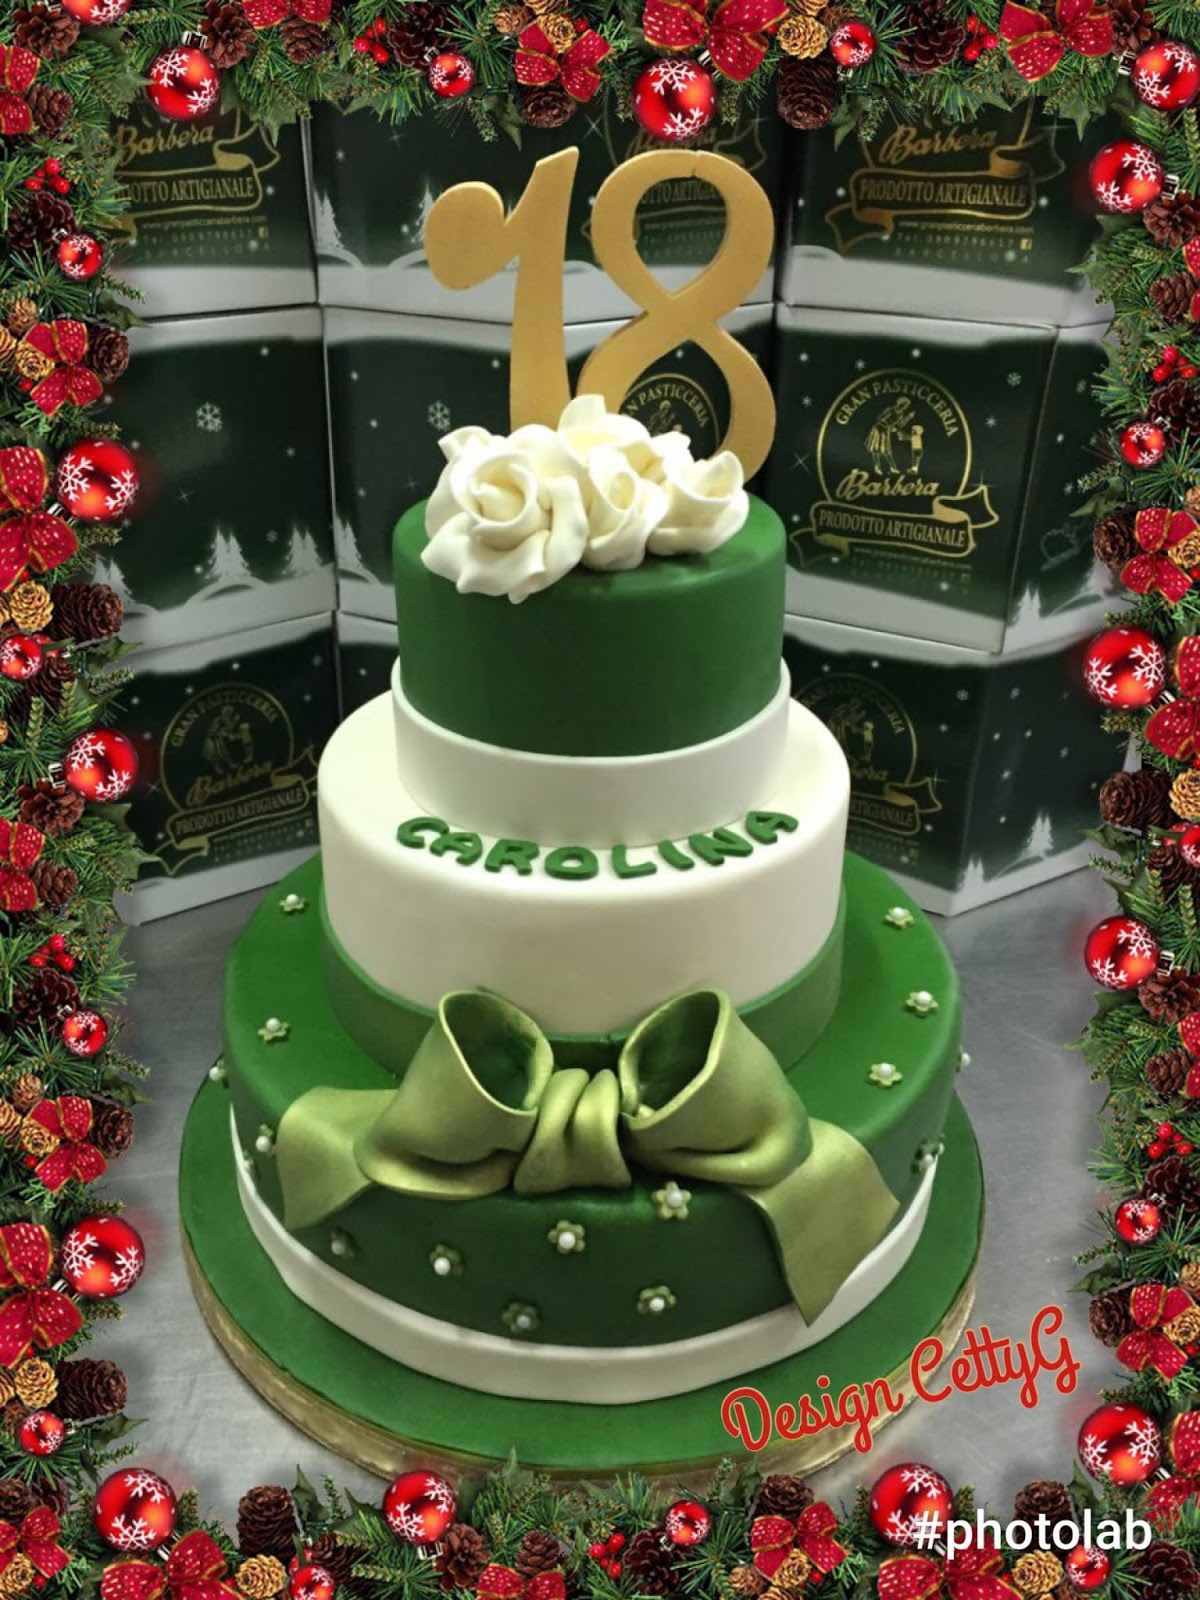 Le torte decorate di cetty g 18 compleanno for Torte 18 anni ragazzo